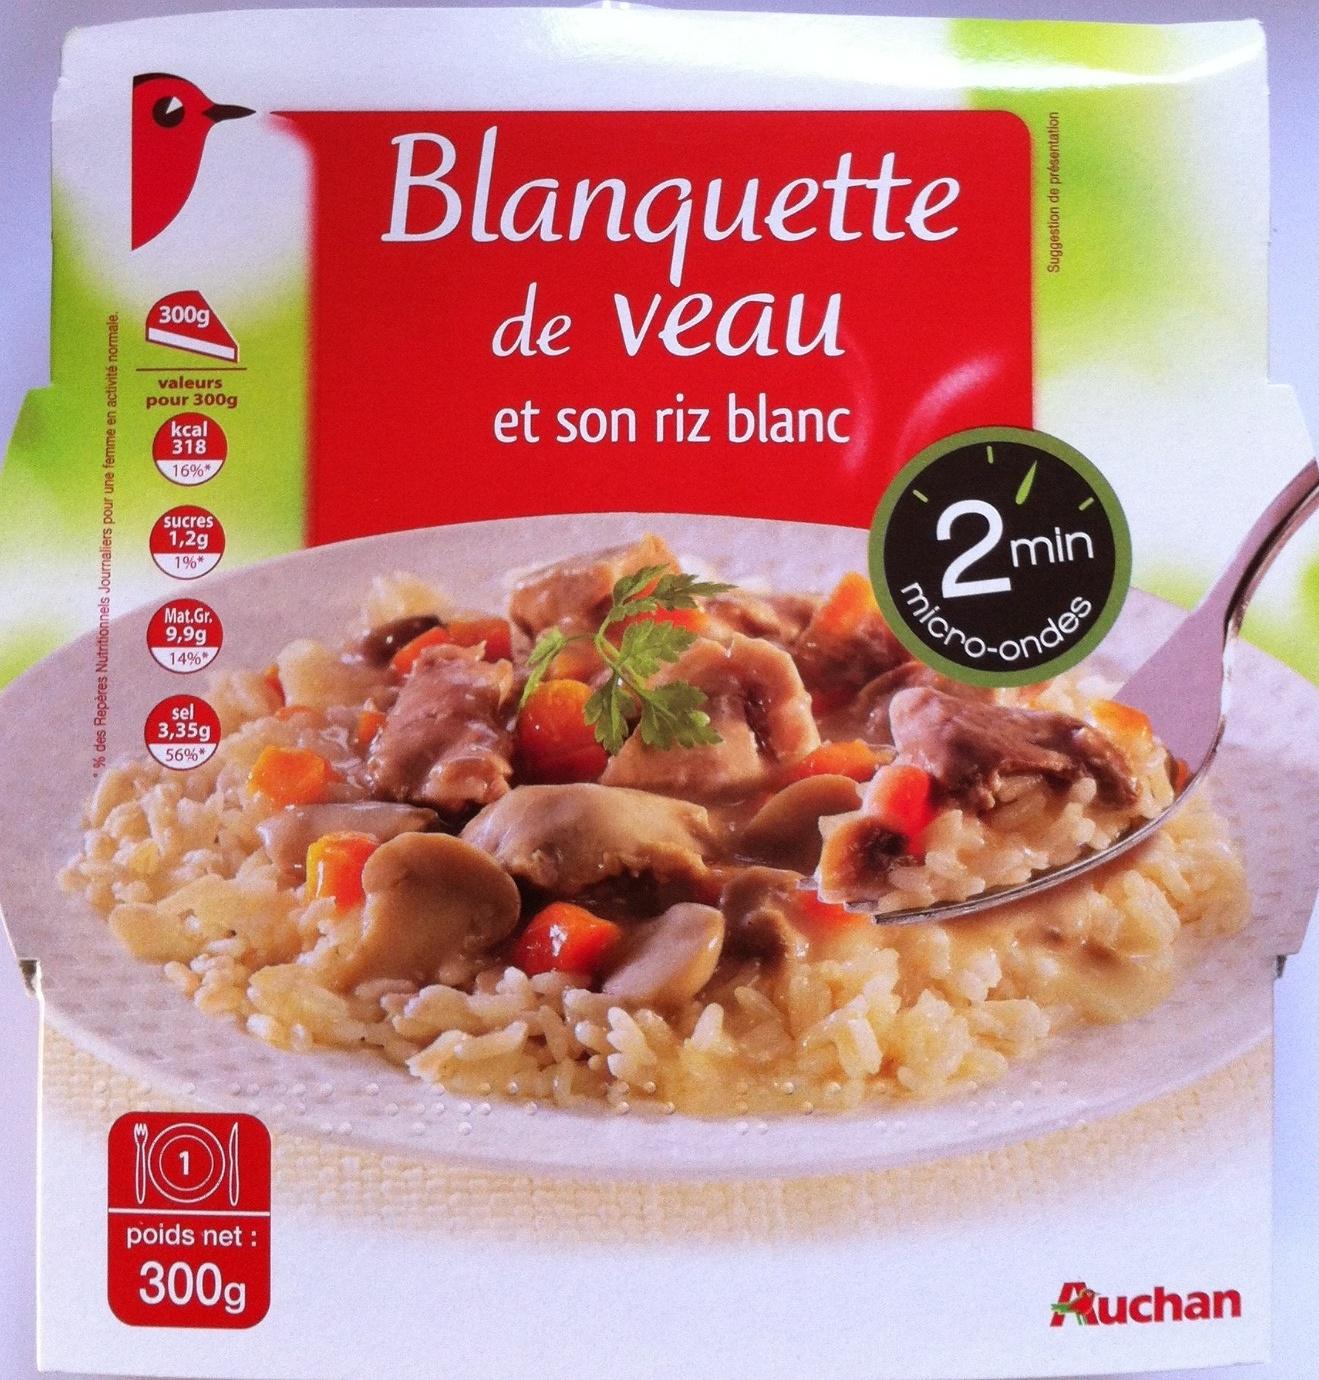 Blanquette de veau et son riz blanc - Product - fr